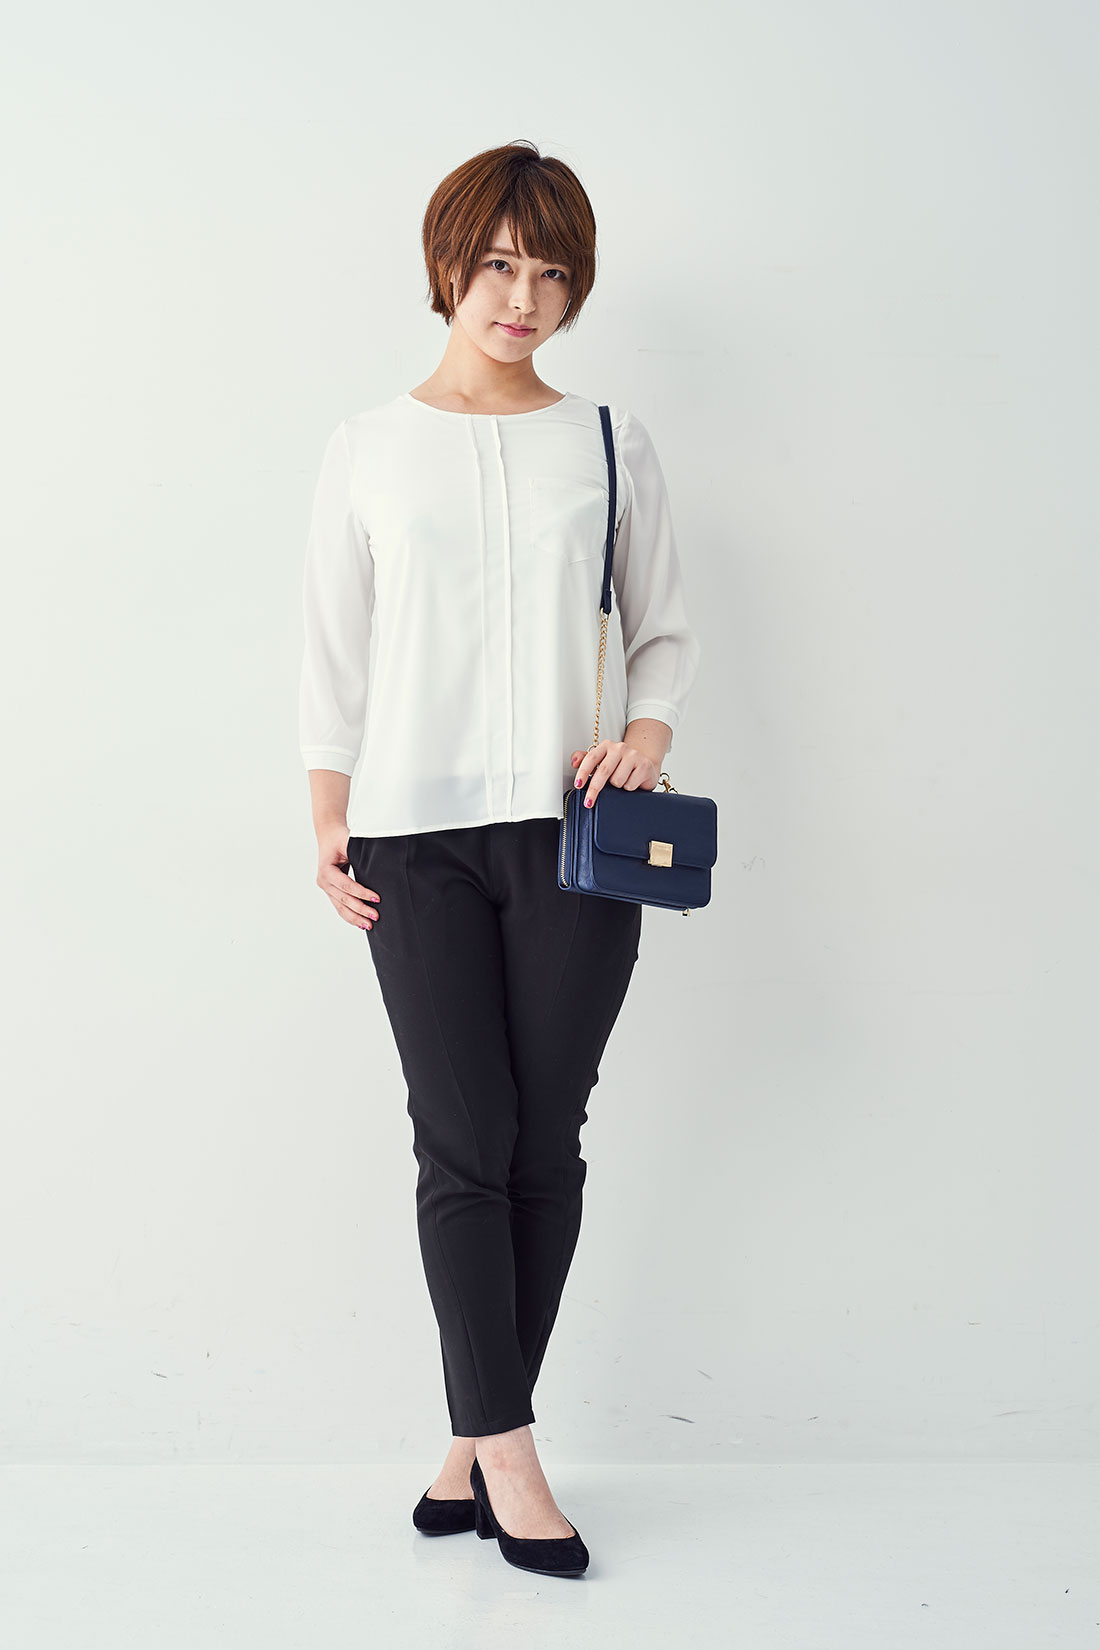 お仕事着にも重宝するシャツ風デザイン。ヒールや辛口小物でできる女風に!